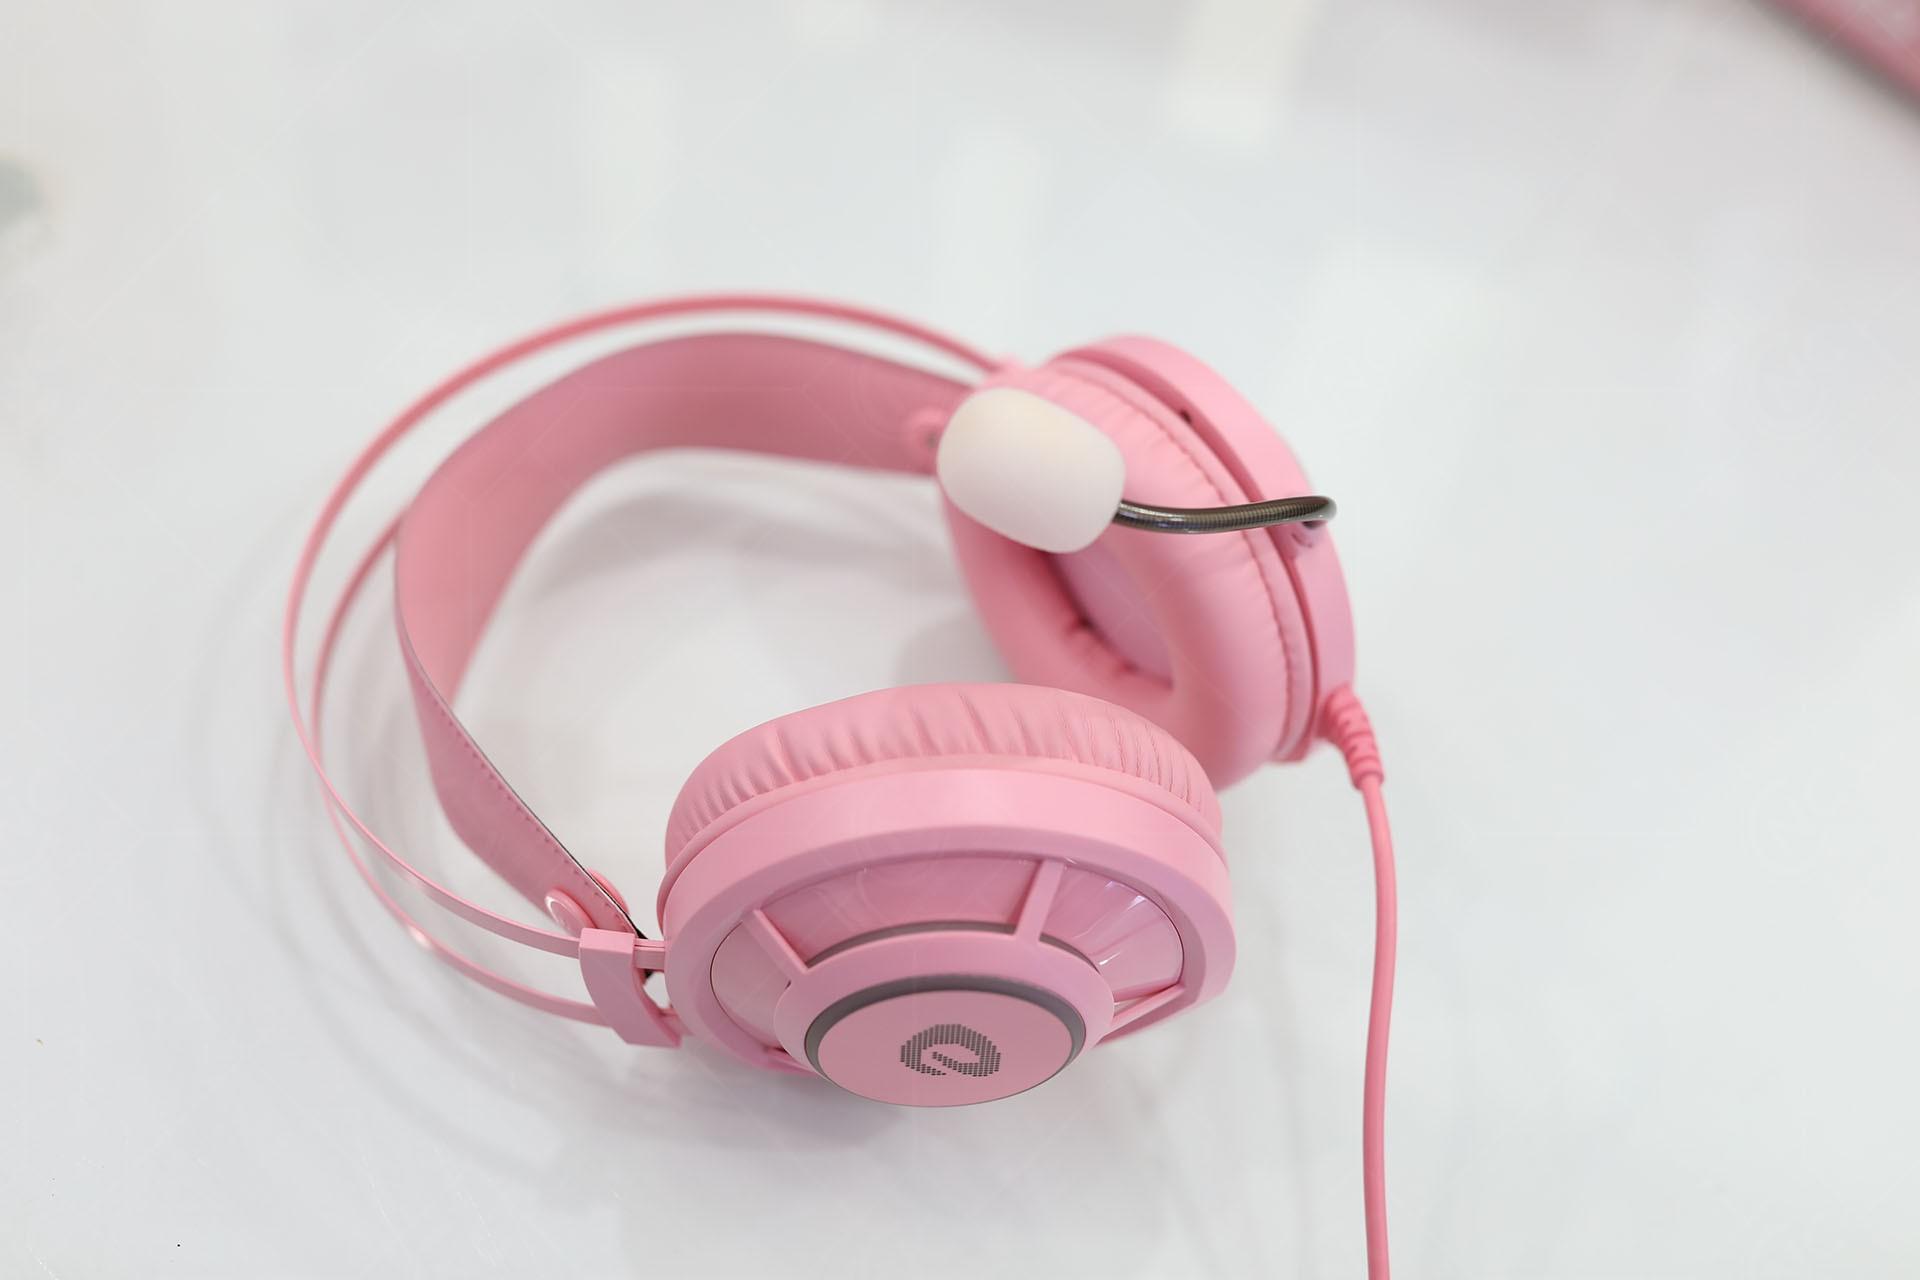 tai-nghe-dareu-eh469-mirror-queen-pink-71-rgb-5.jpg